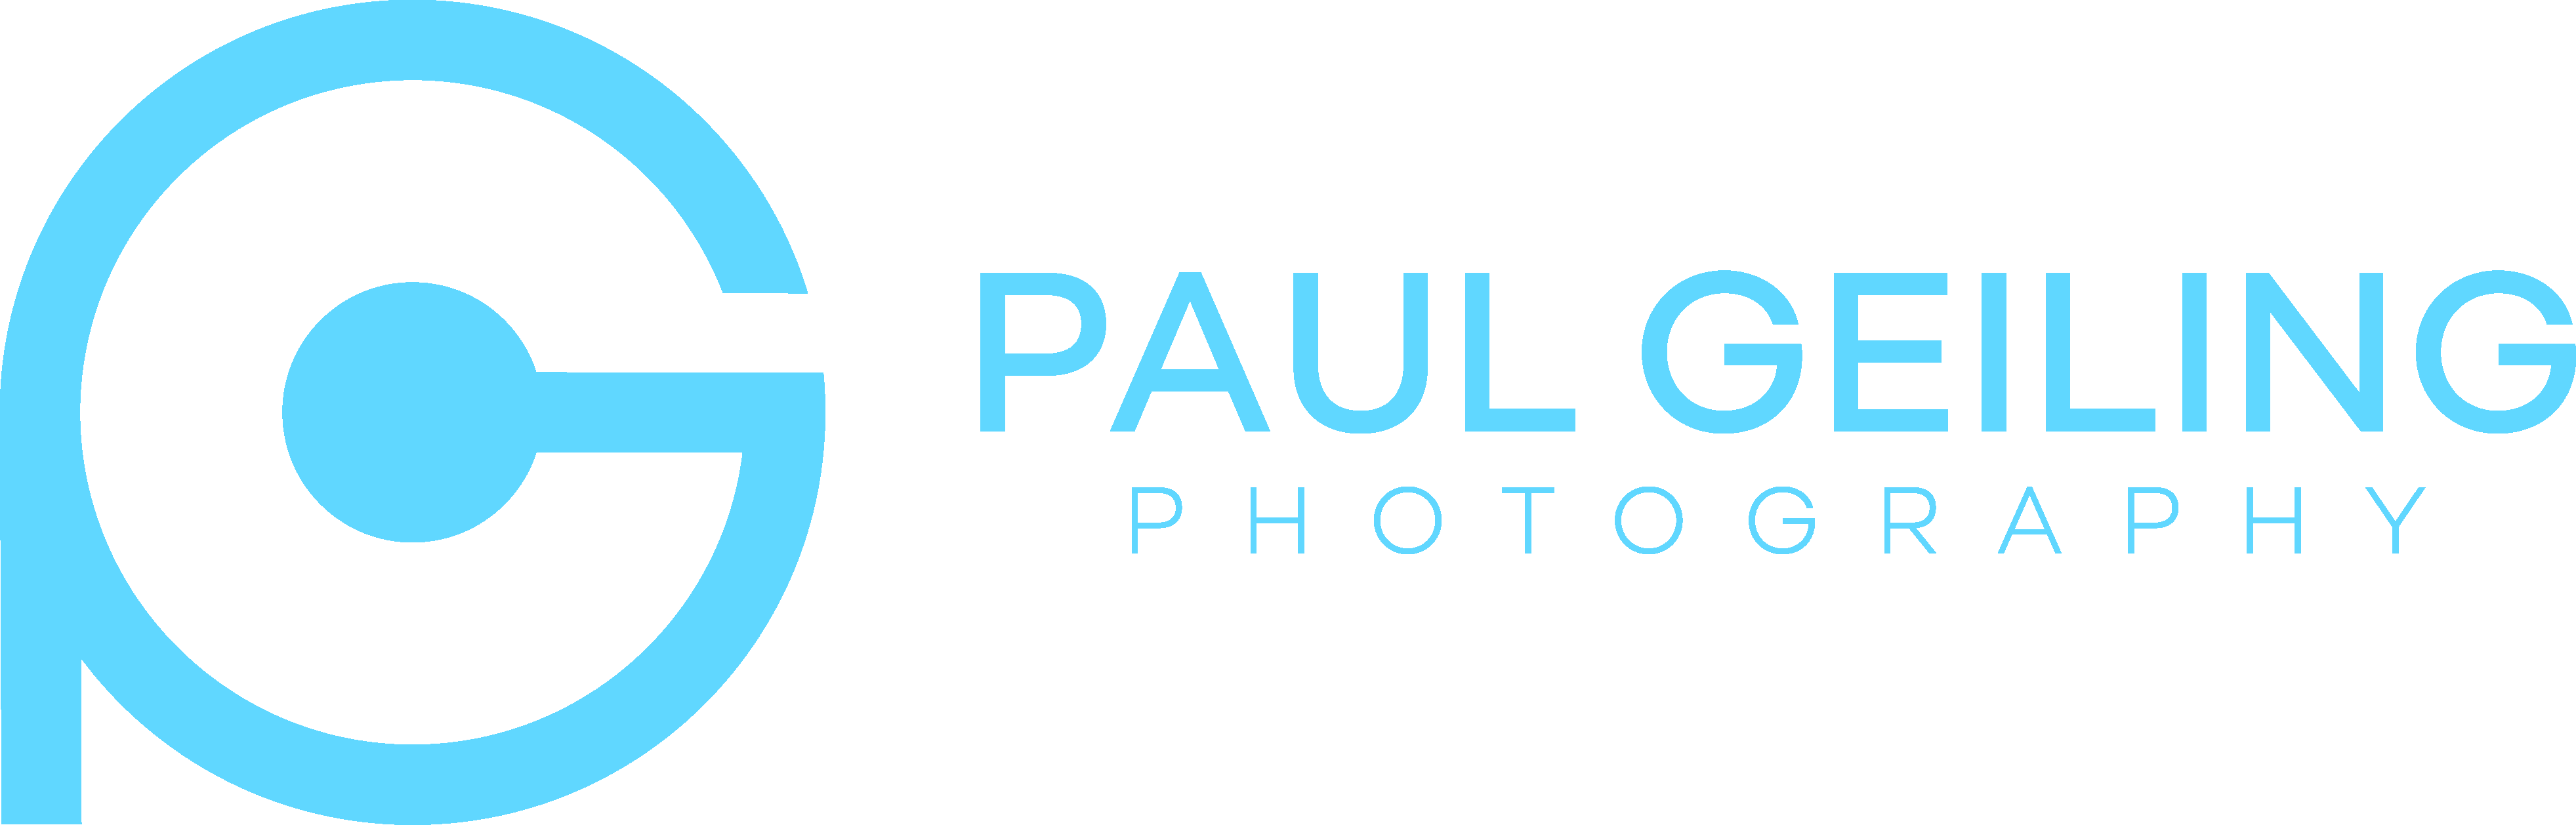 Paul Geiling